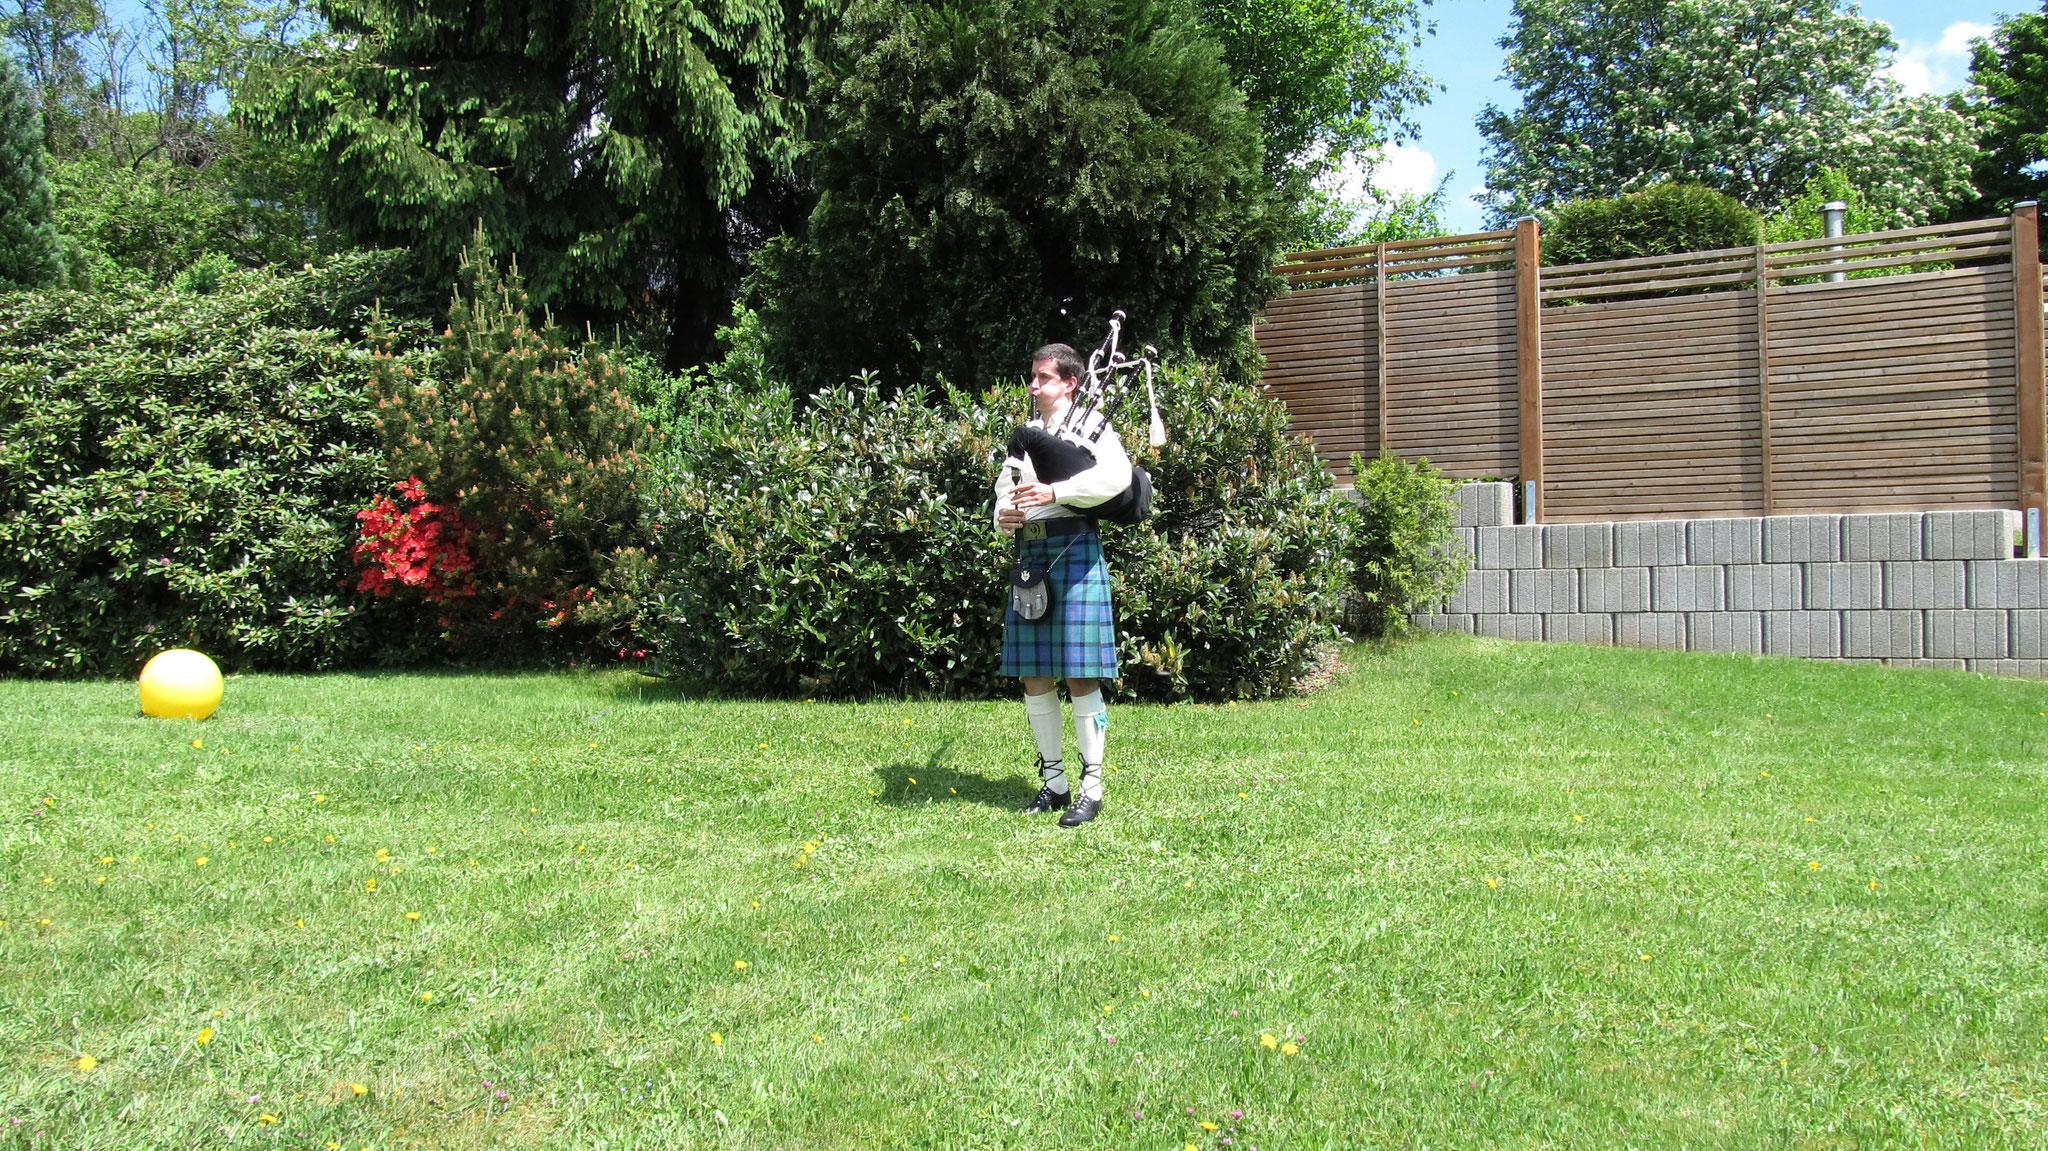 Auftritt beim Gemeindefest in Kreuztal 26.05.2016